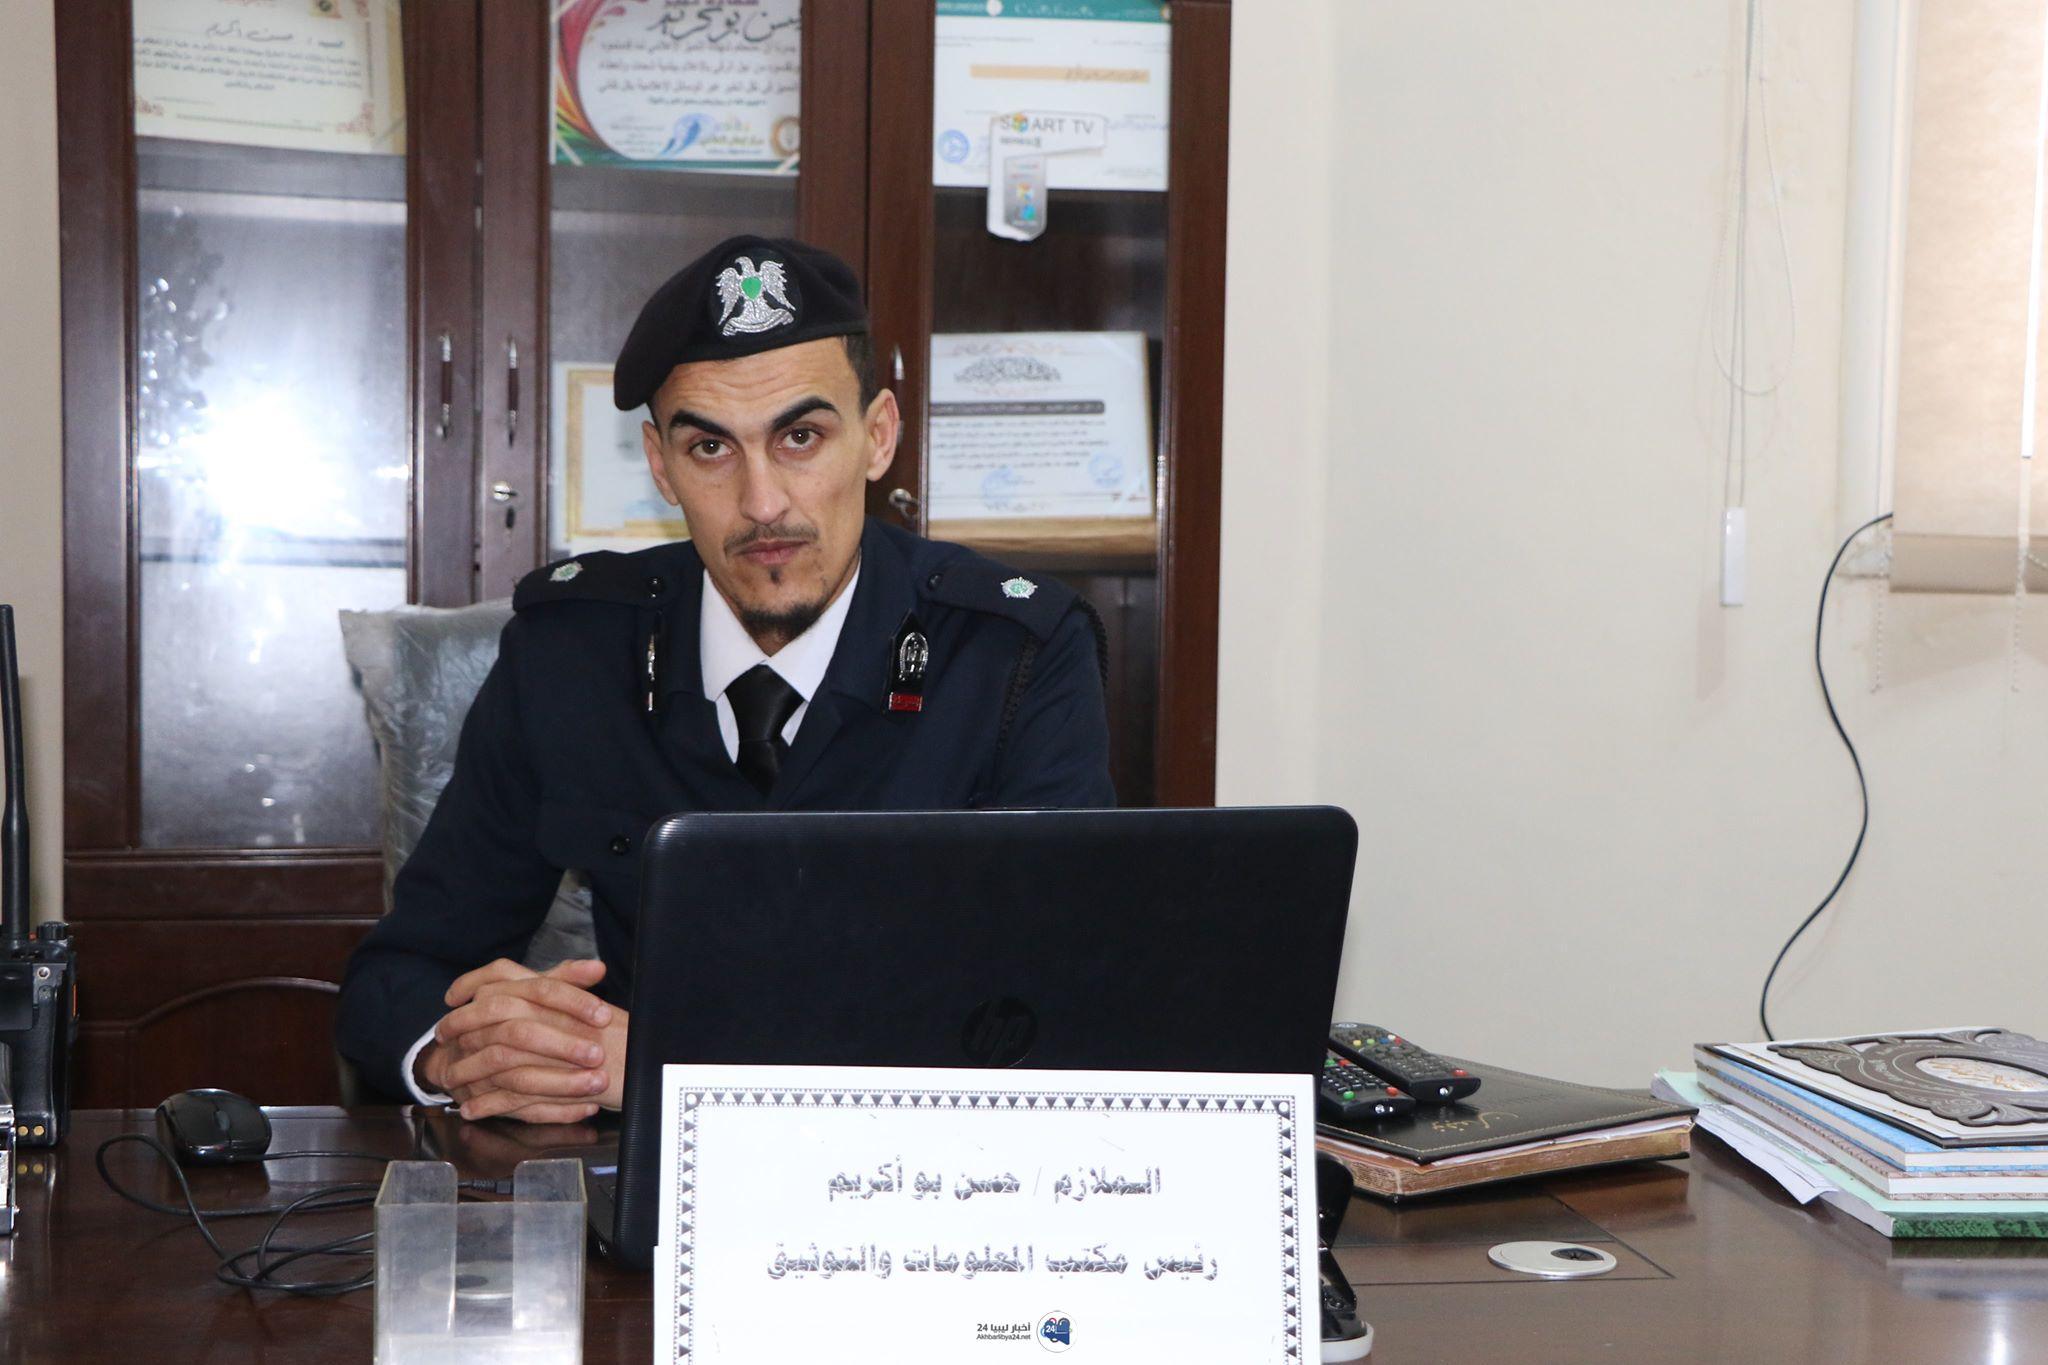 صورة انخفاض نسبة القتل والجريمة وارتفاع عدد حوادث السّير بمدينة شحات